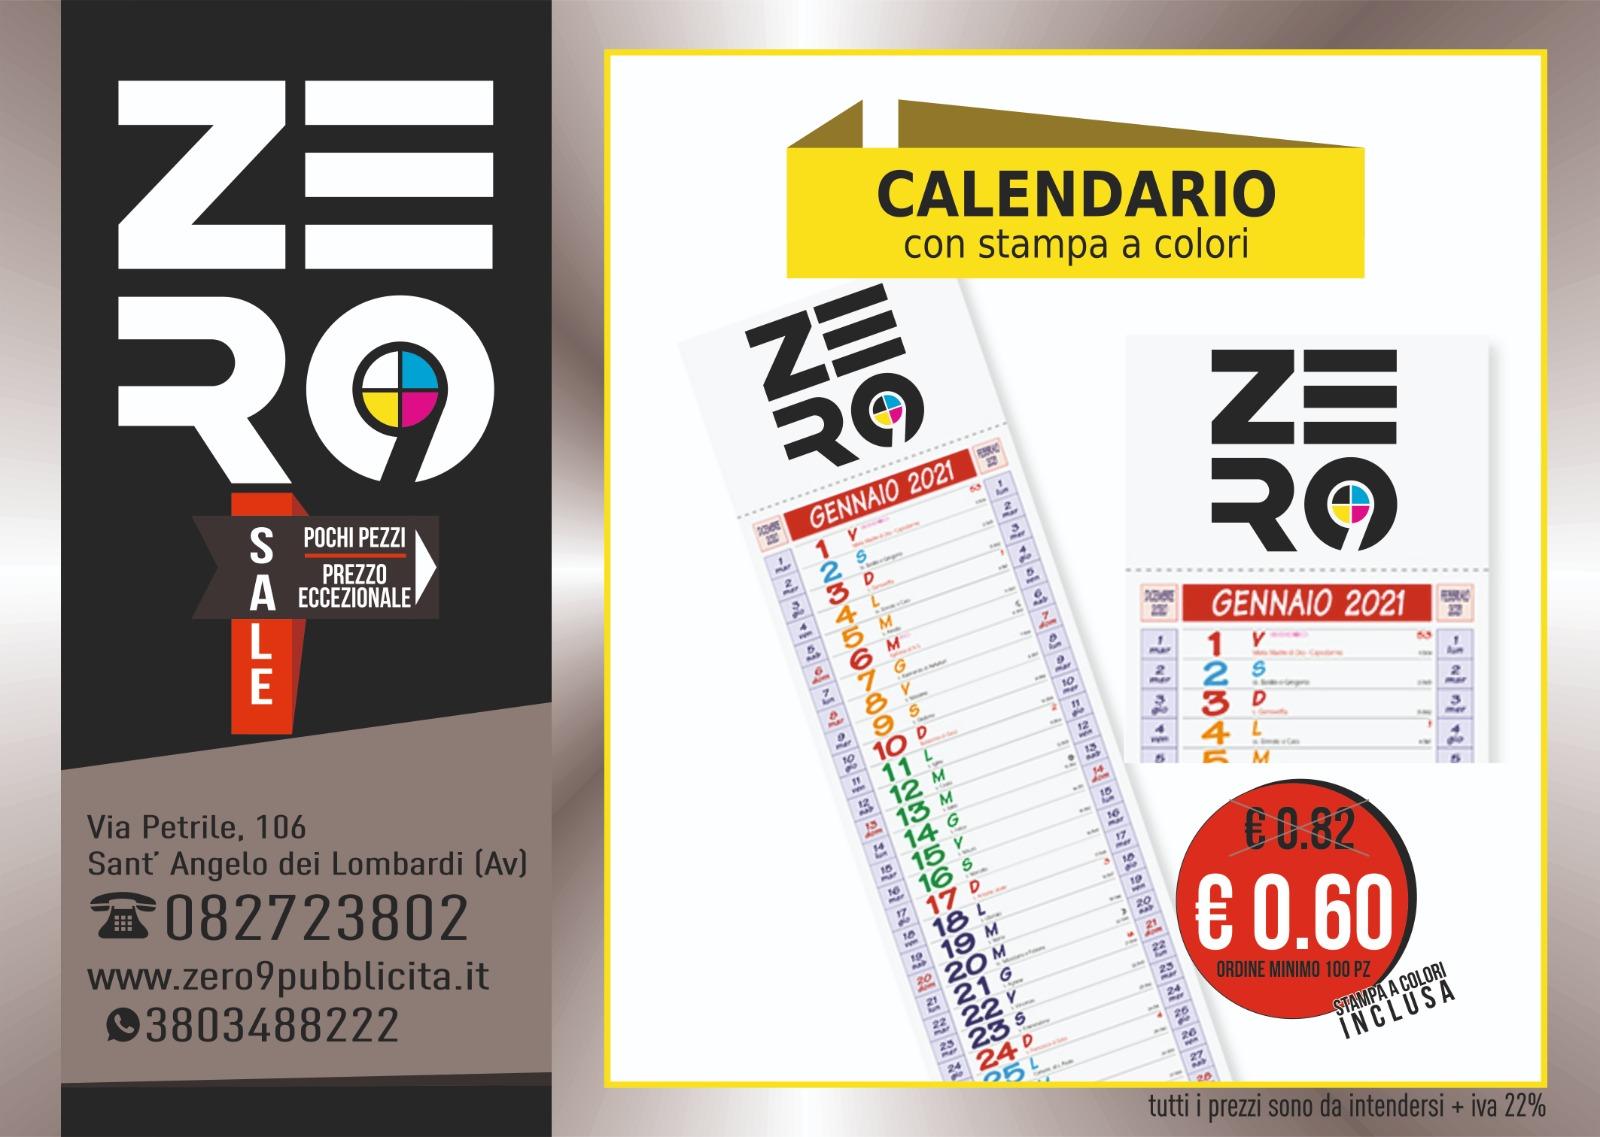 Calendario con stampa a colori